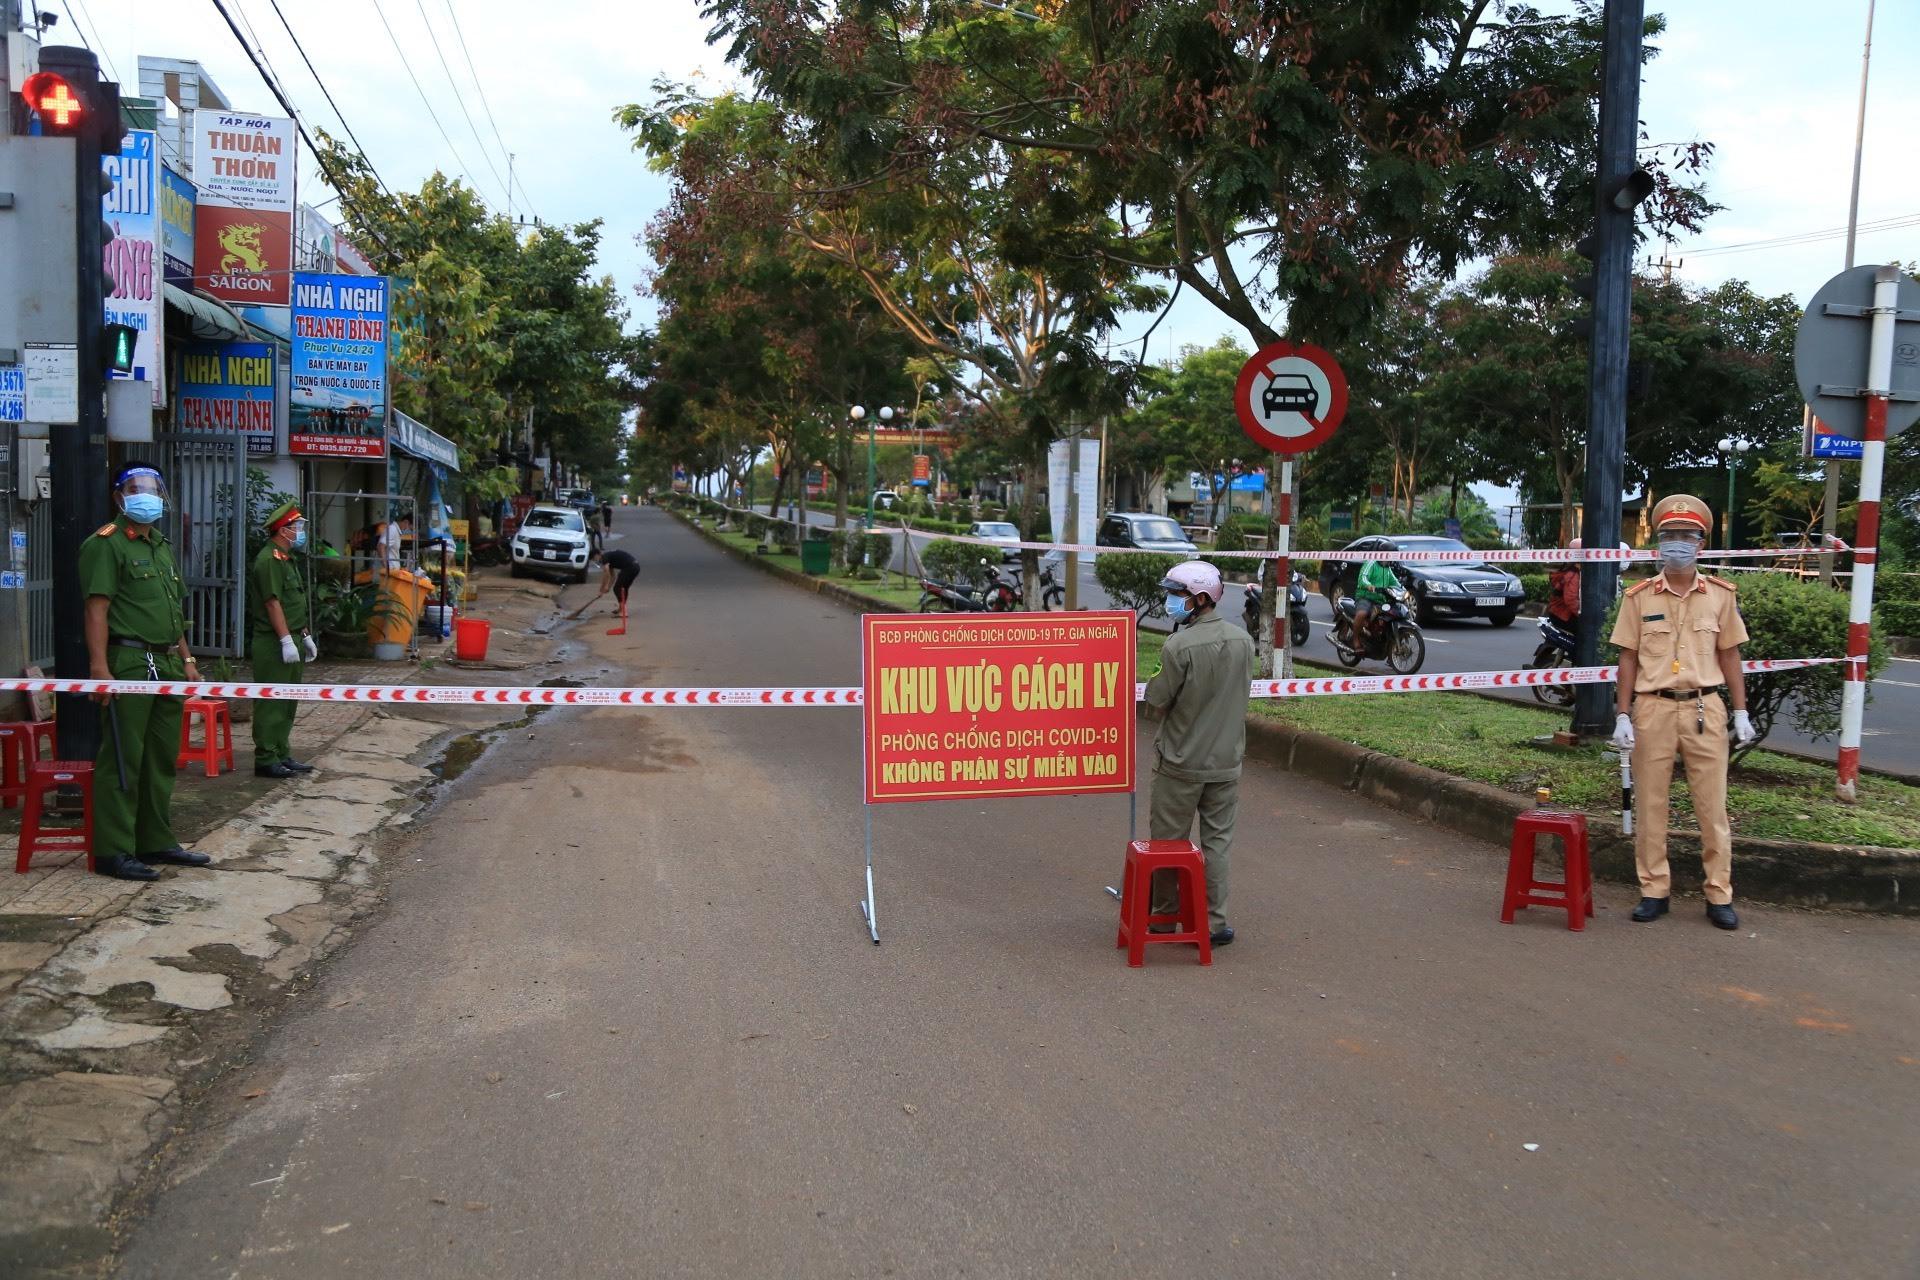 Phong tỏa một thành phố ở Đắk Nông